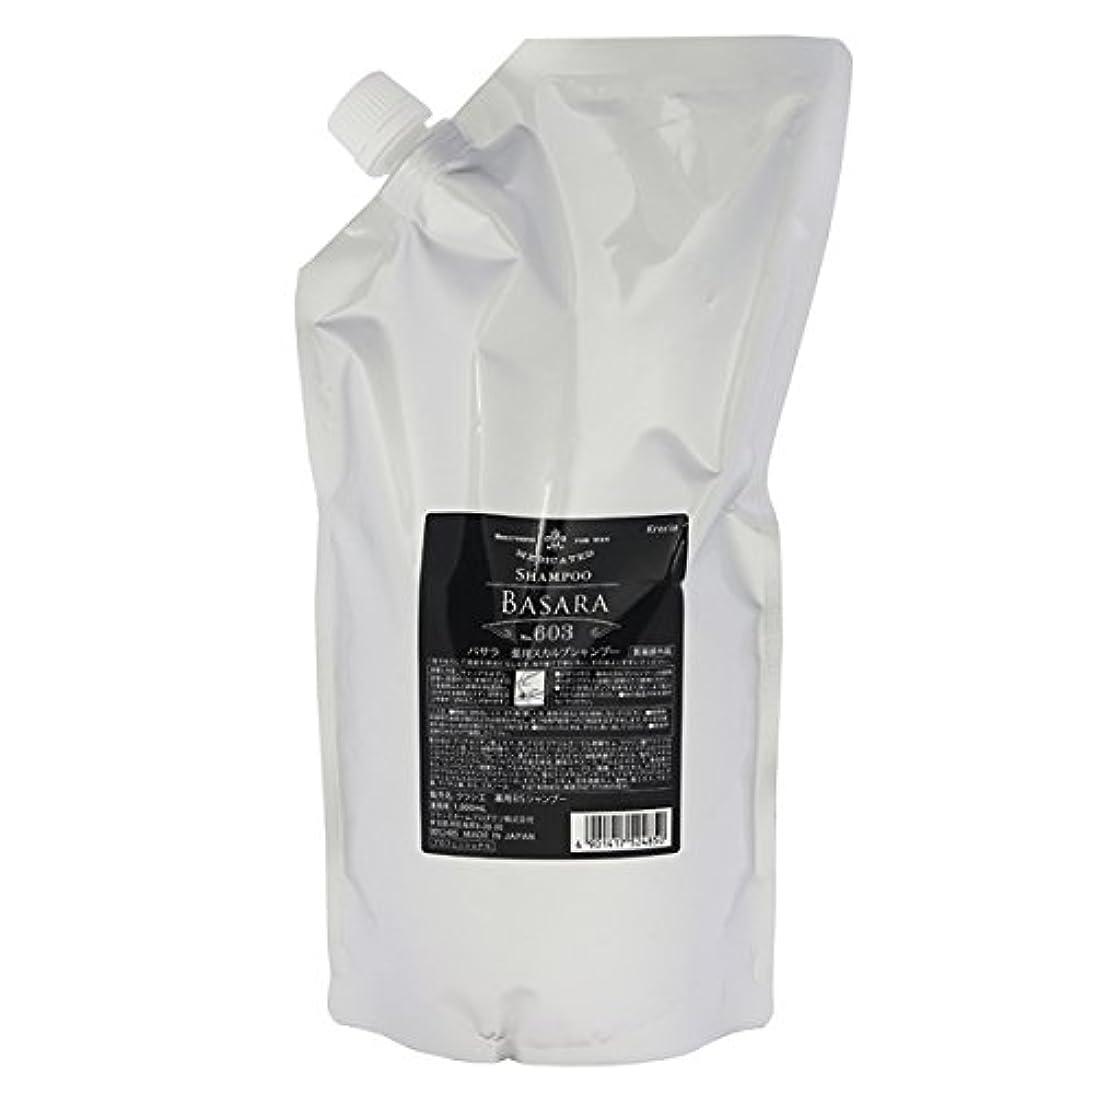 湿気の多い湿気の多い哺乳類クラシエ バサラ 薬用スカルプ シャンプー 603 1000ml レフィル